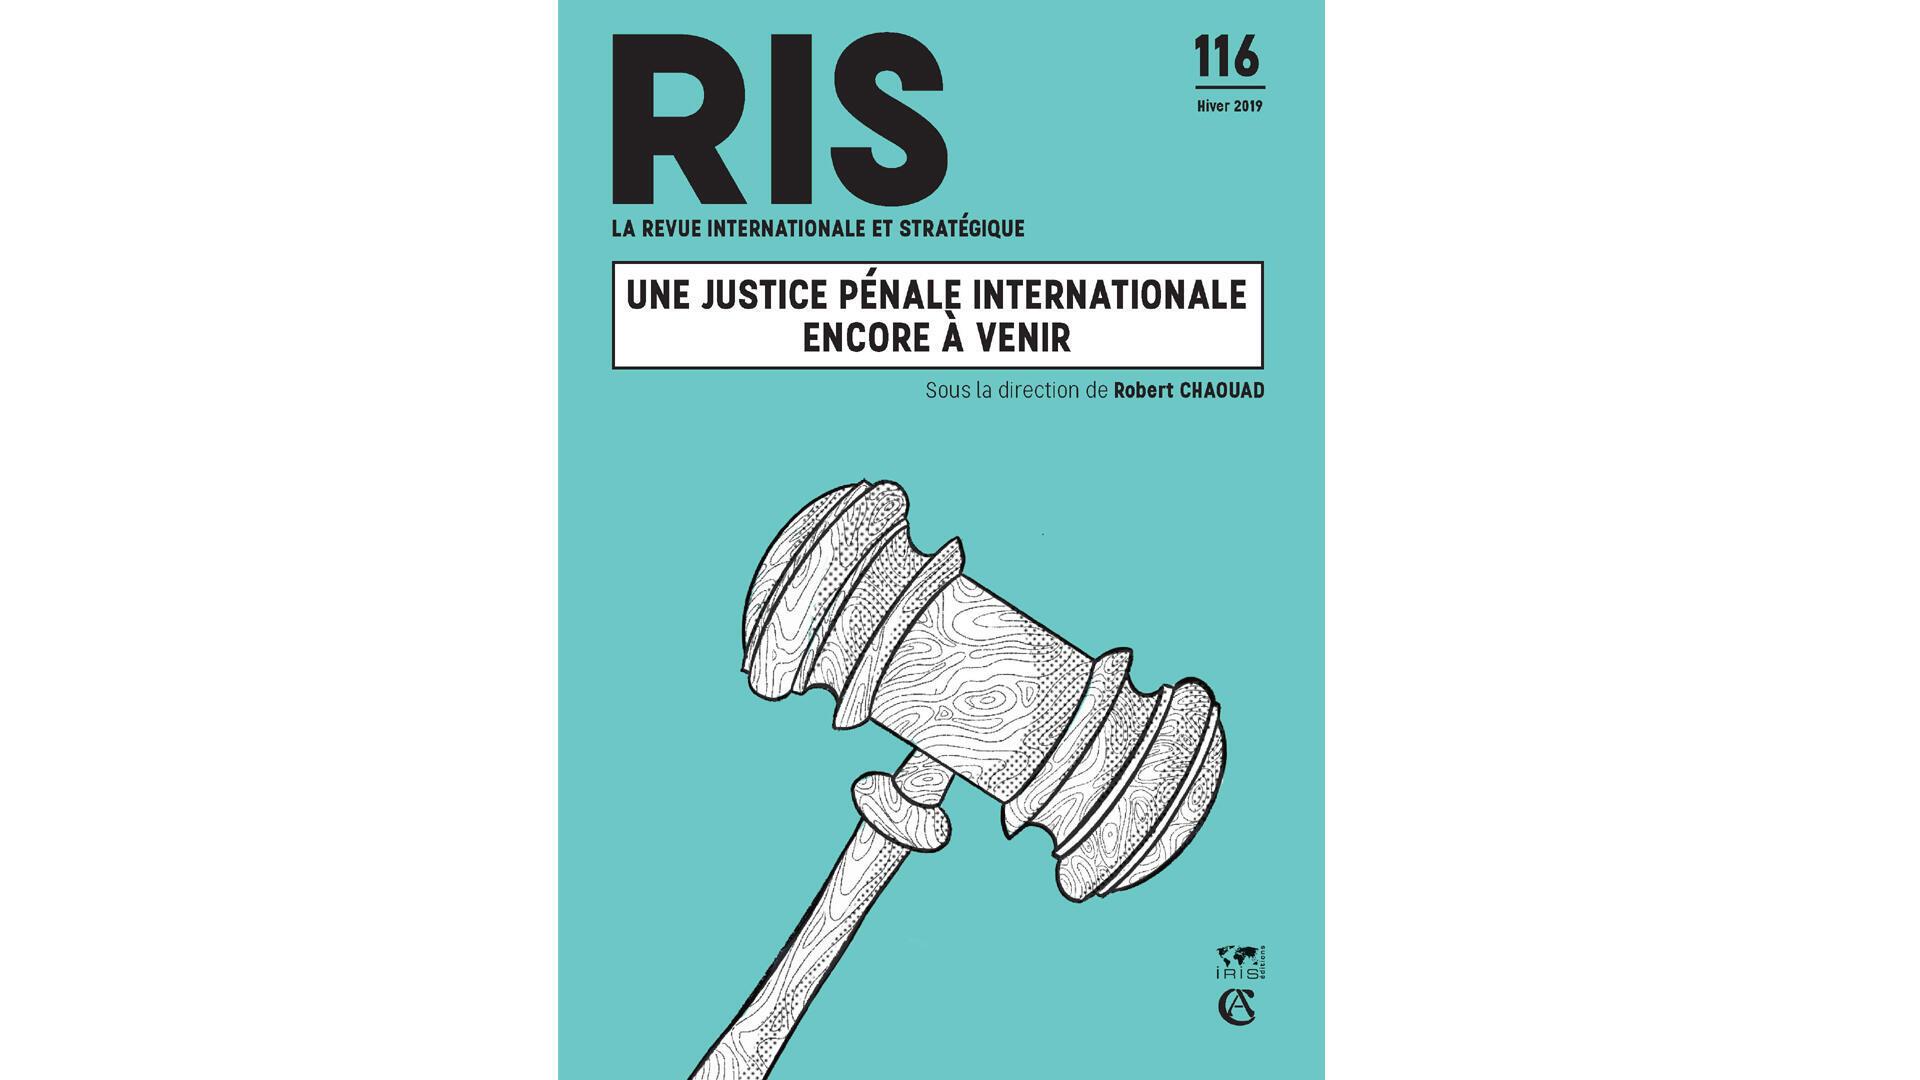 Couverture de la Revue Internationale et Stratégique N°116, Hiver 2019.